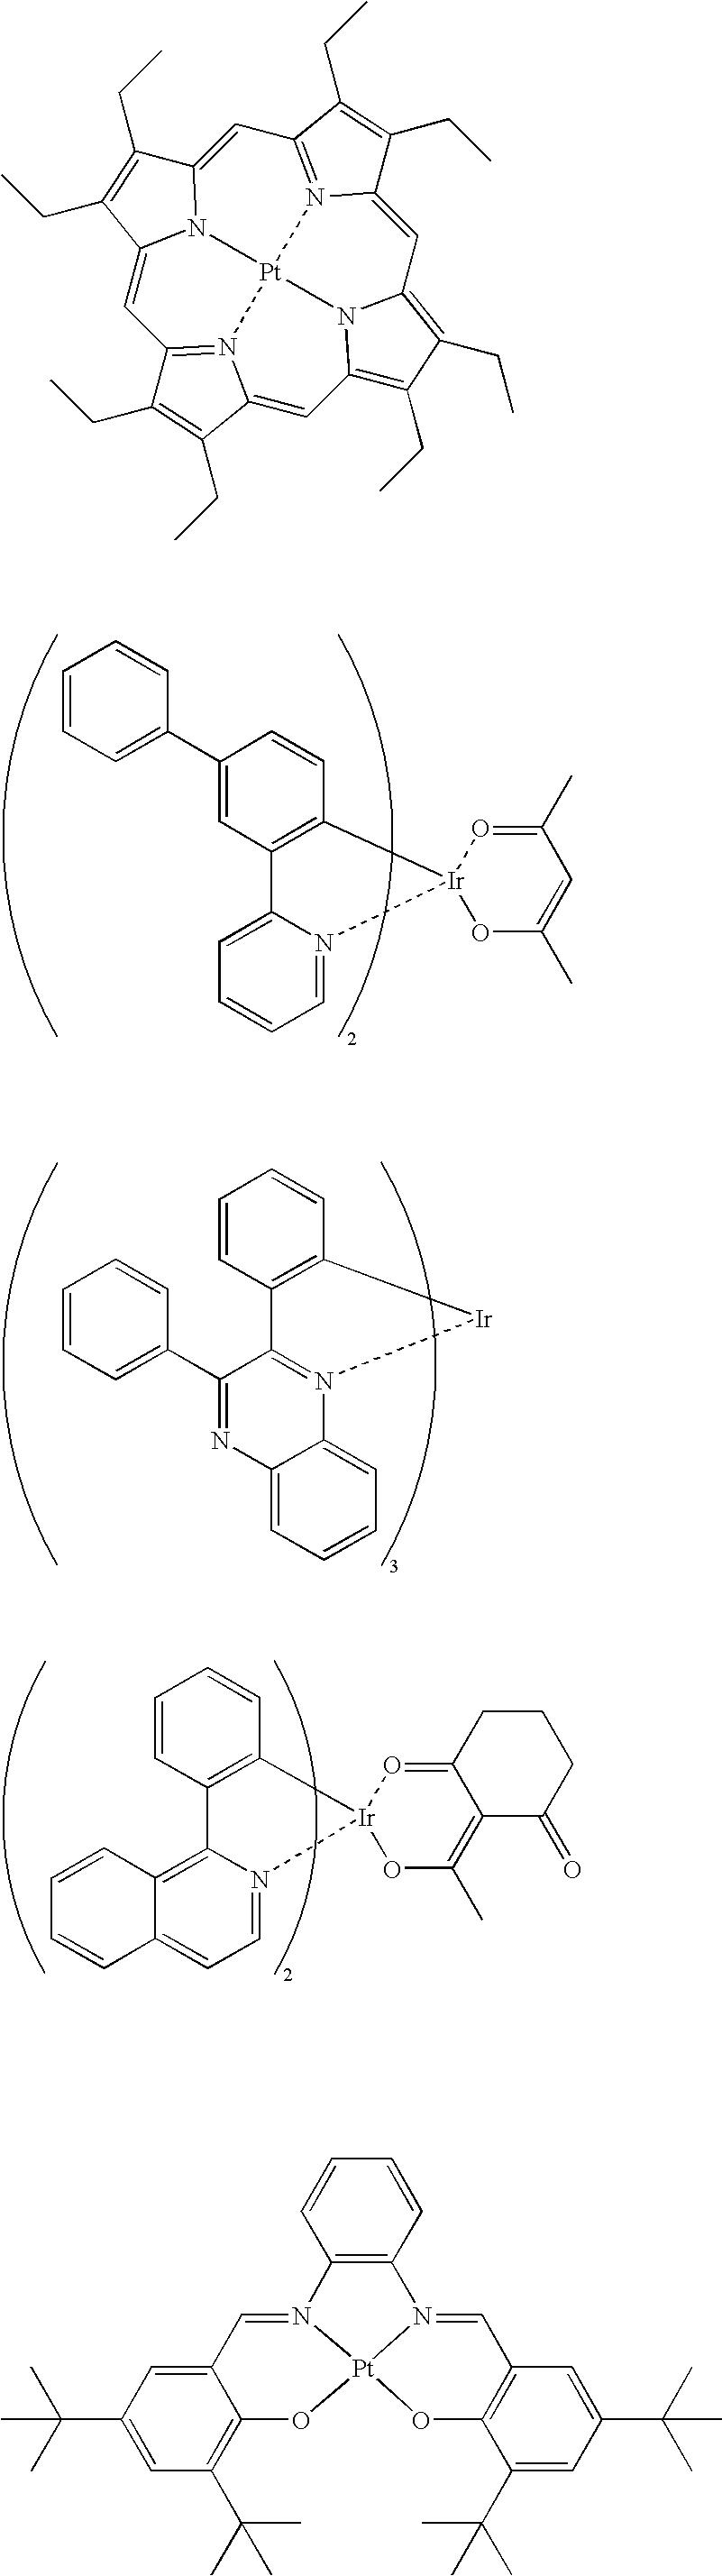 Figure US08154195-20120410-C00022